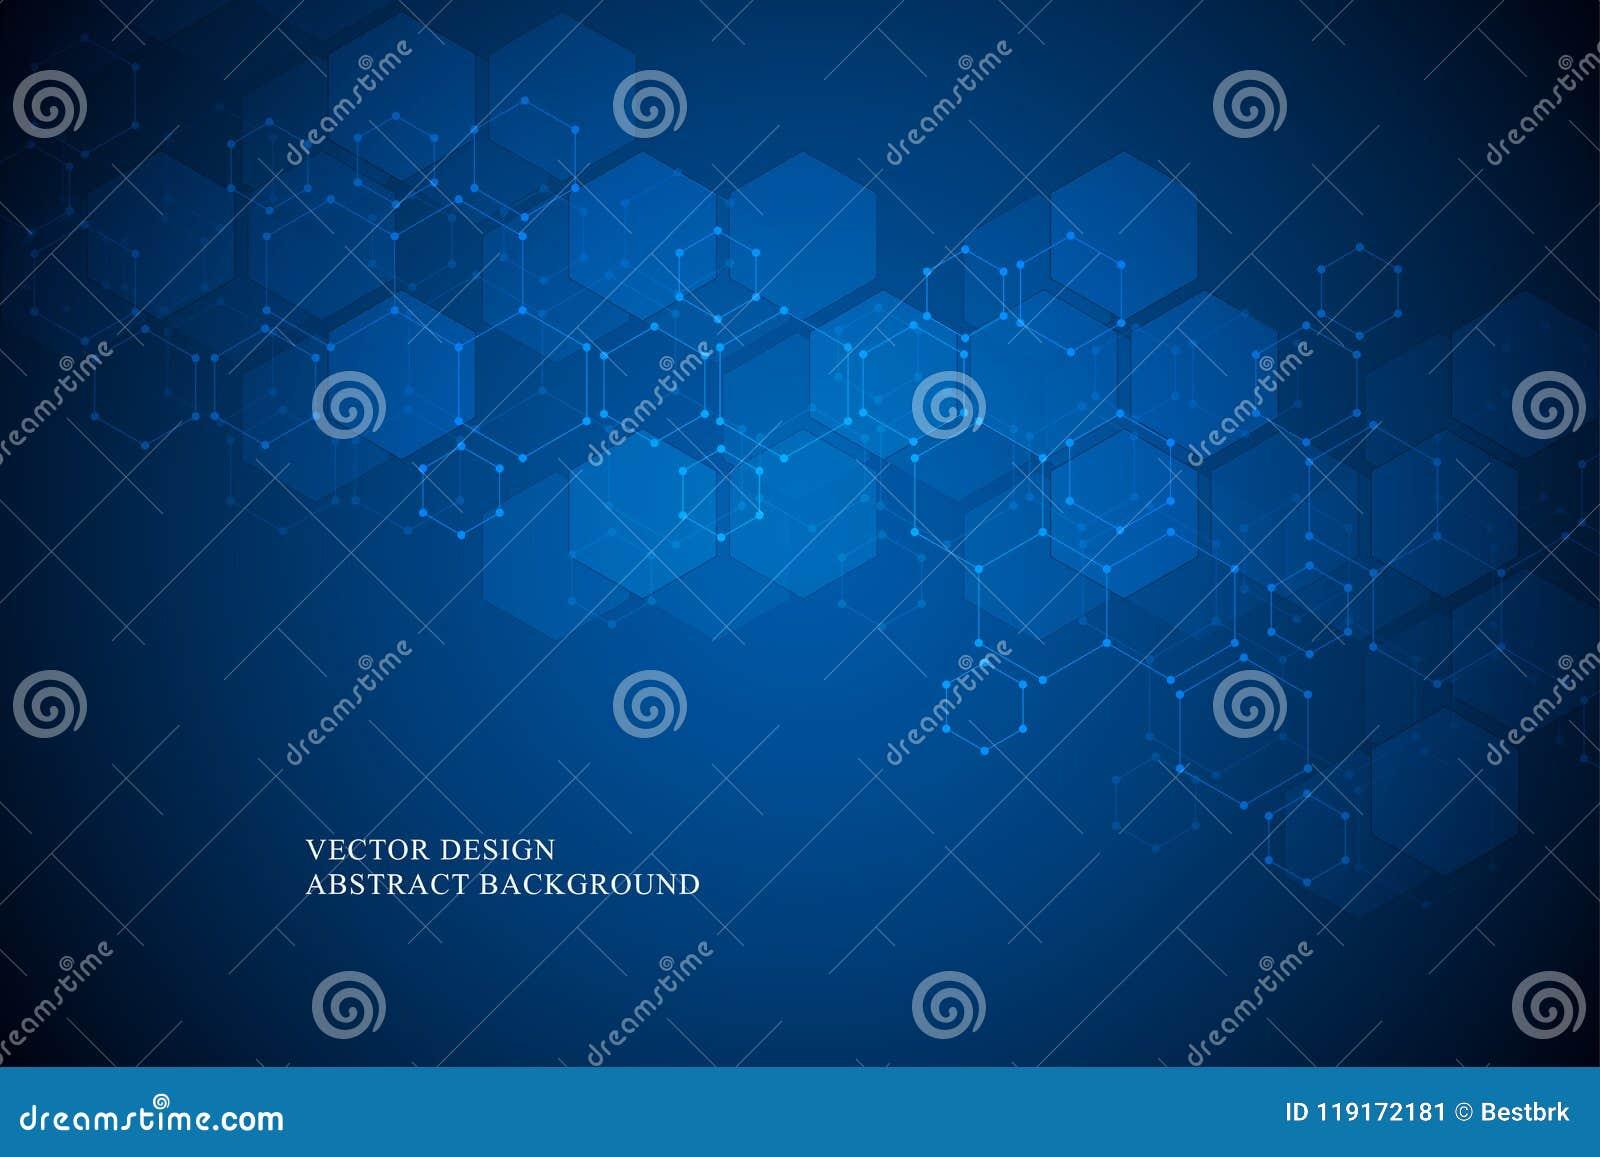 Hexagonale moleculaire structuur voor medisch, wetenschap en digitaal technologieontwerp Abstracte geometrische vectorachtergrond